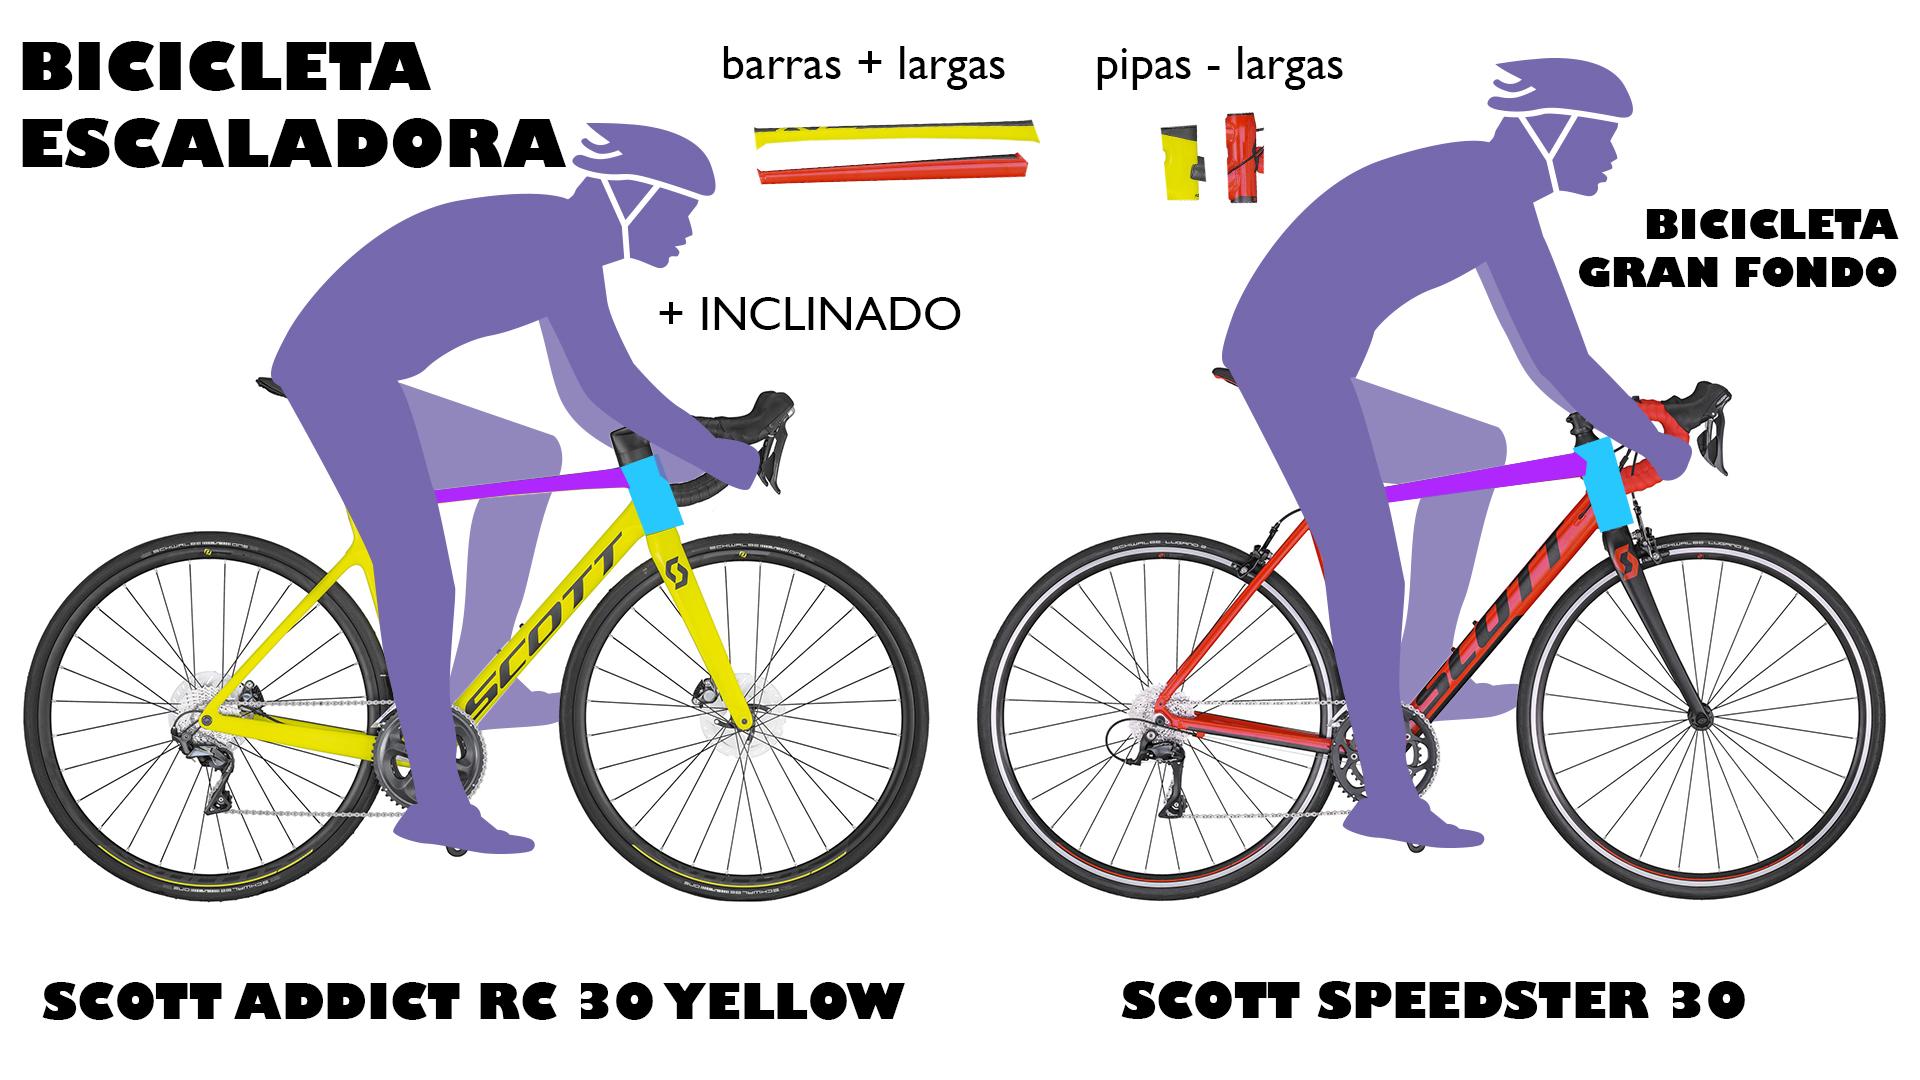 Comparación bicicleta escaladora y gran fondo